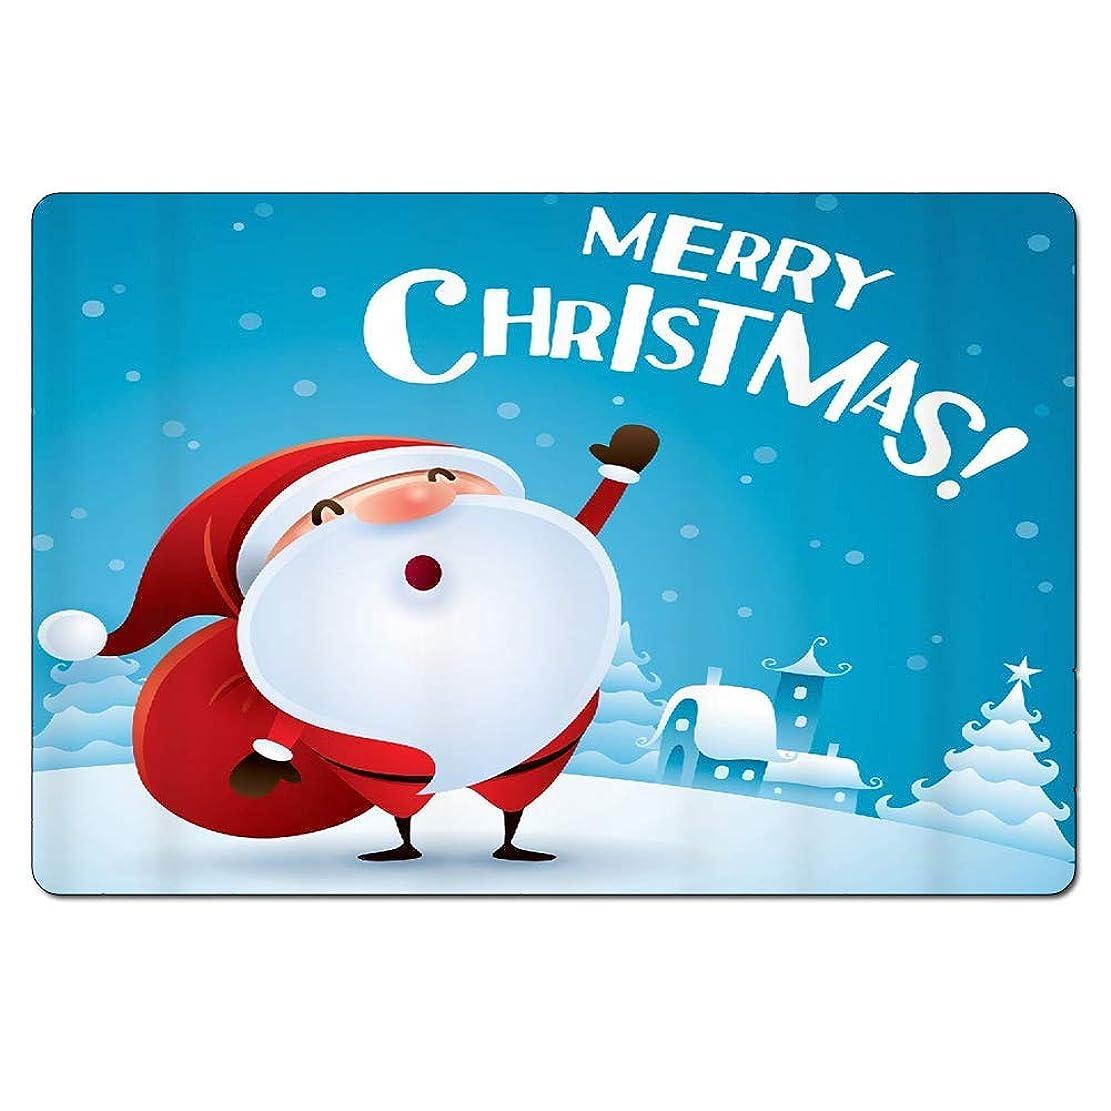 に関してシネマミネラル面白い玄関クリスマステーマエリアラグホームインテリアロープロファイルラグブートスクレーパー滑り止め屋外/屋内玄関マット、家フクロウバット印刷 60x40cm